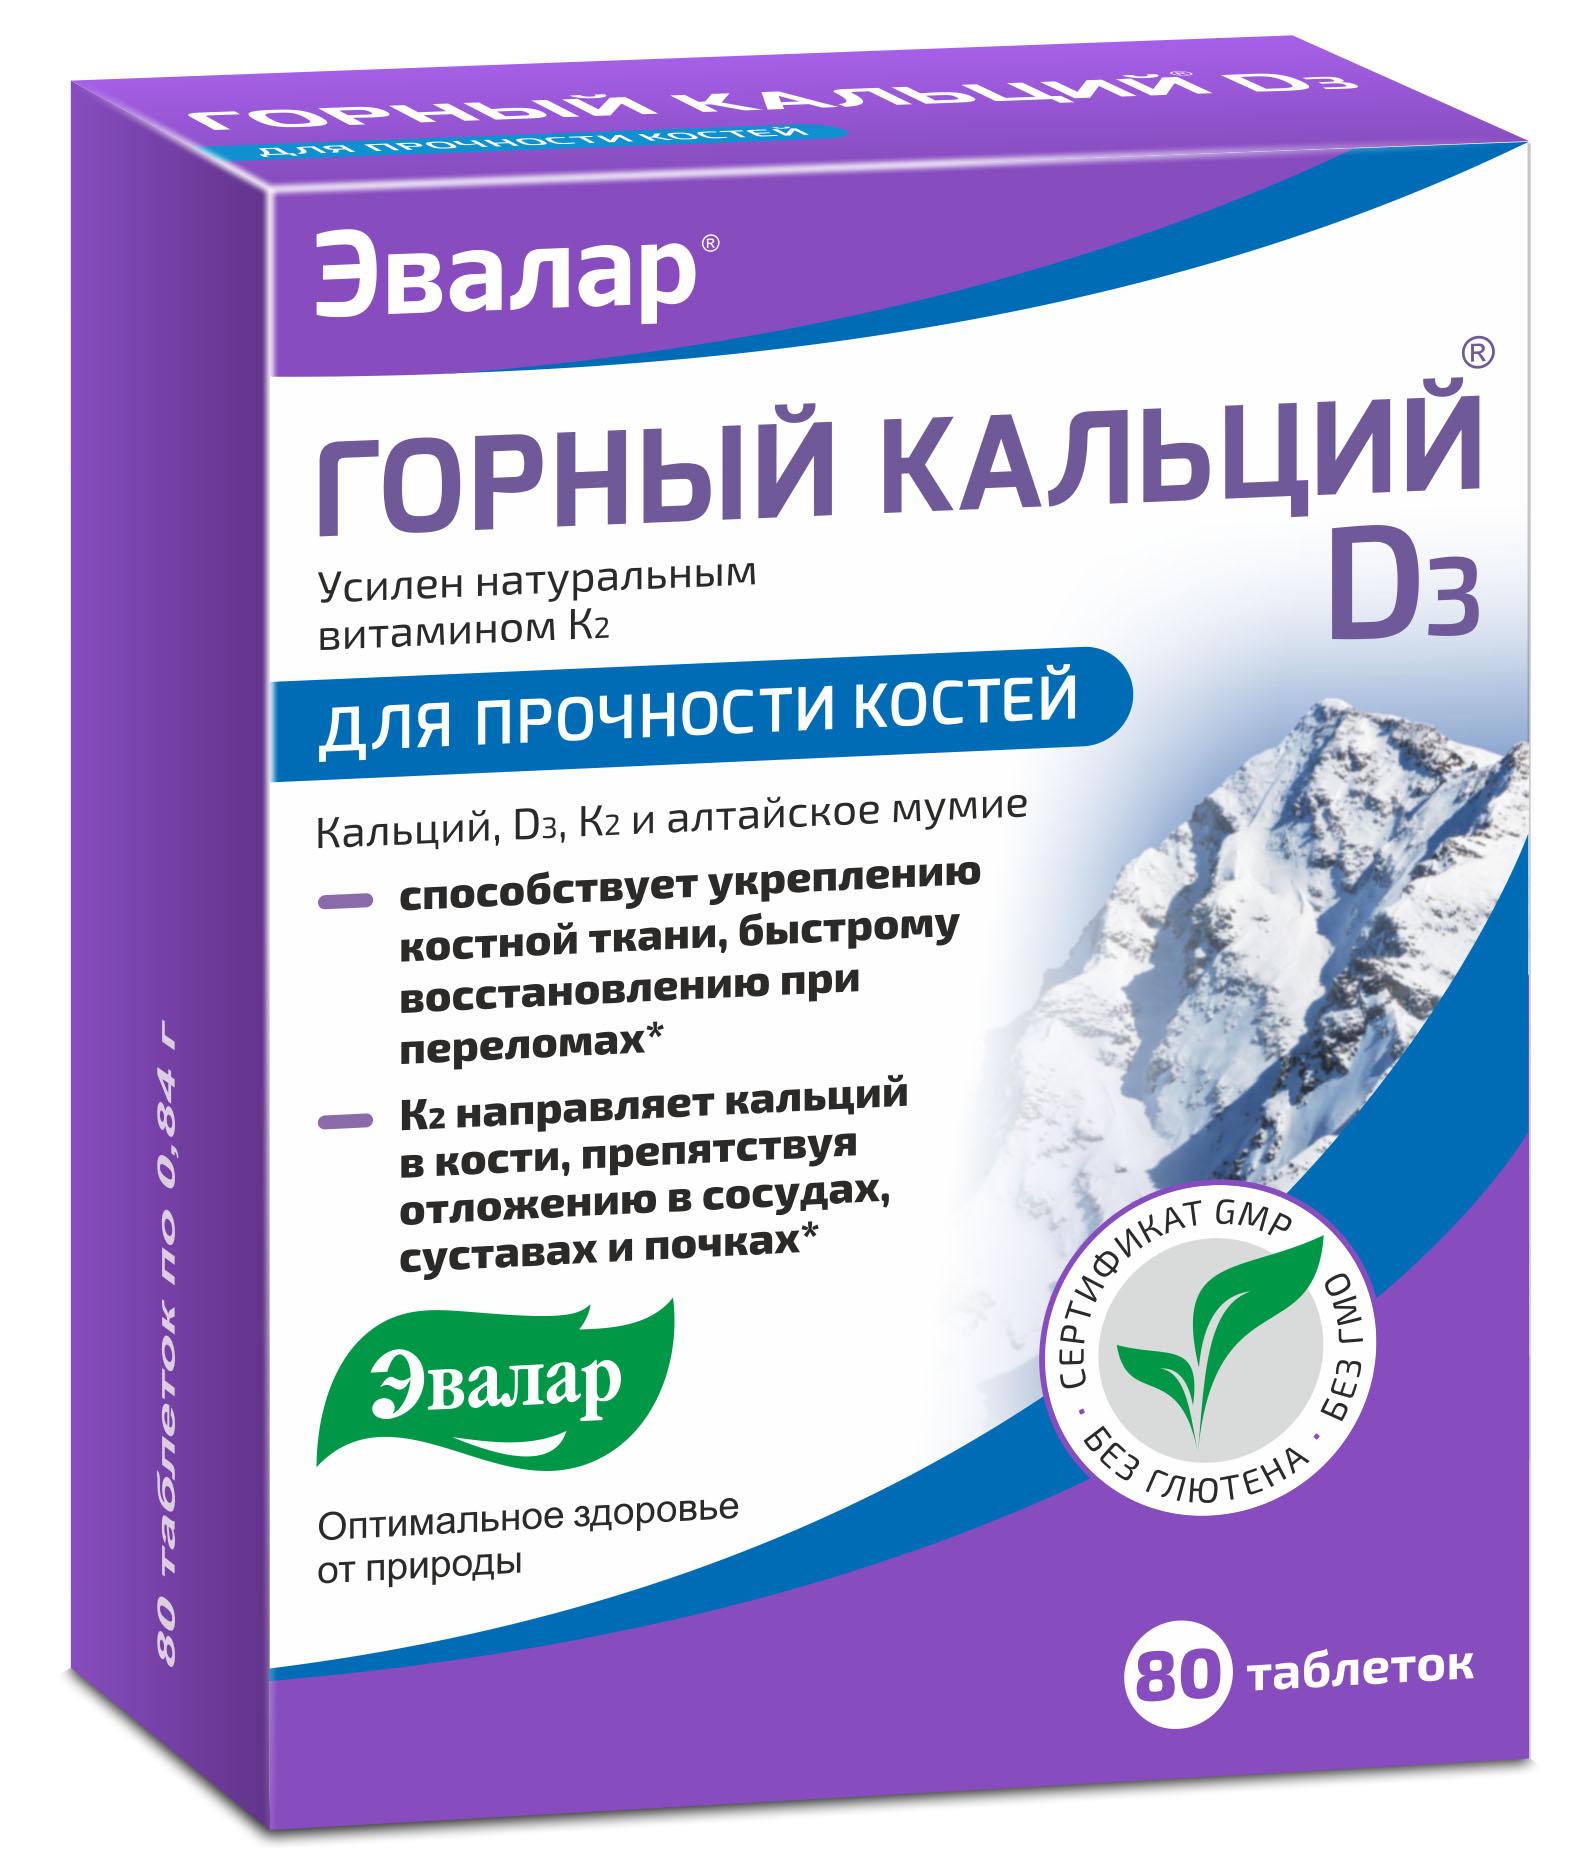 Кальций горный D3 с мумие, 80 таблеток, Эвалар